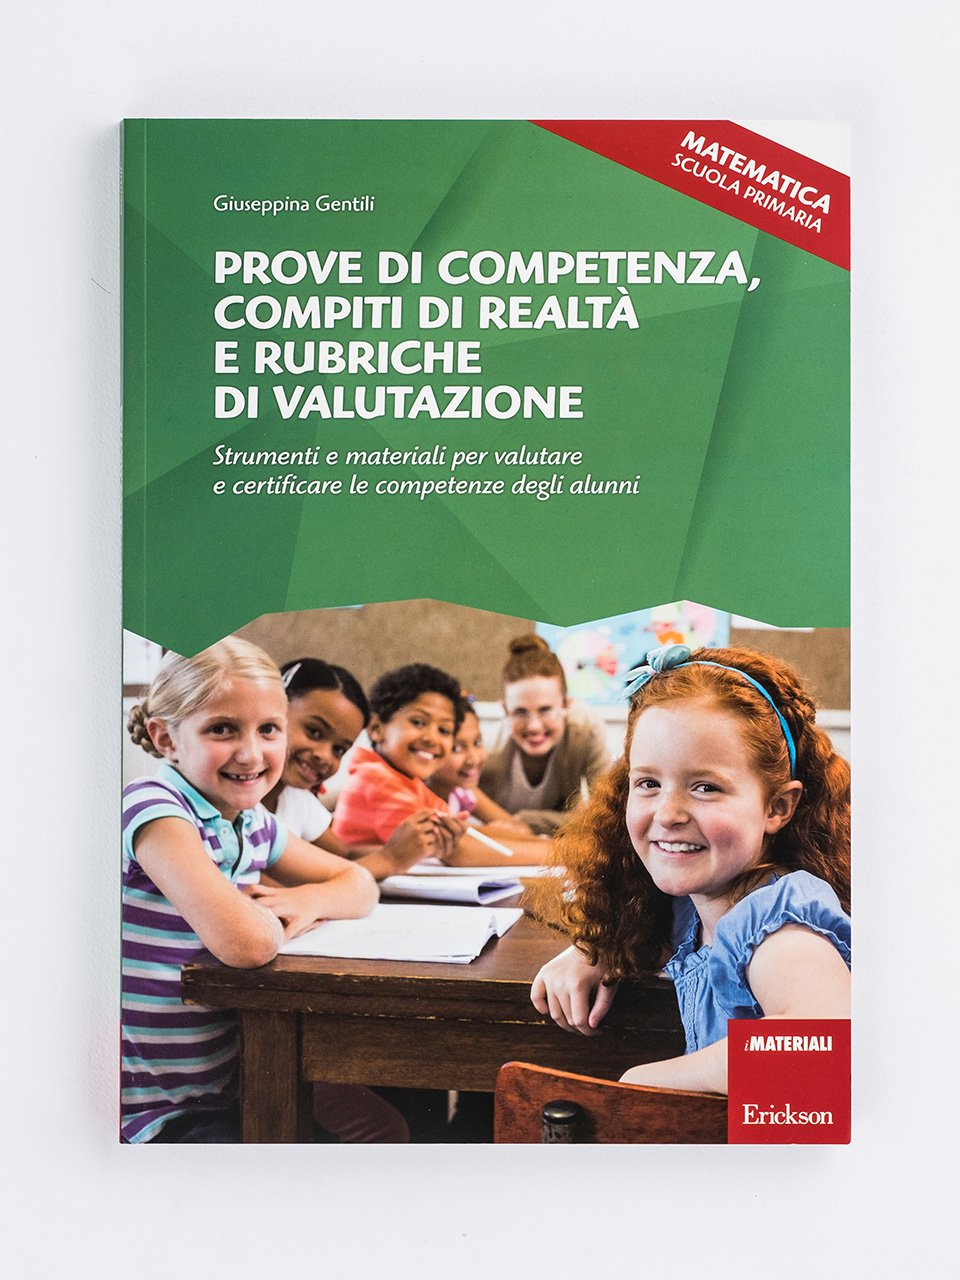 Prove di competenza, compiti di realtà e rubriche di valutazione - MATEMATICA - SCUOLA PRIMARIA - La competenza digitale nella scuola - Libri - Erickson